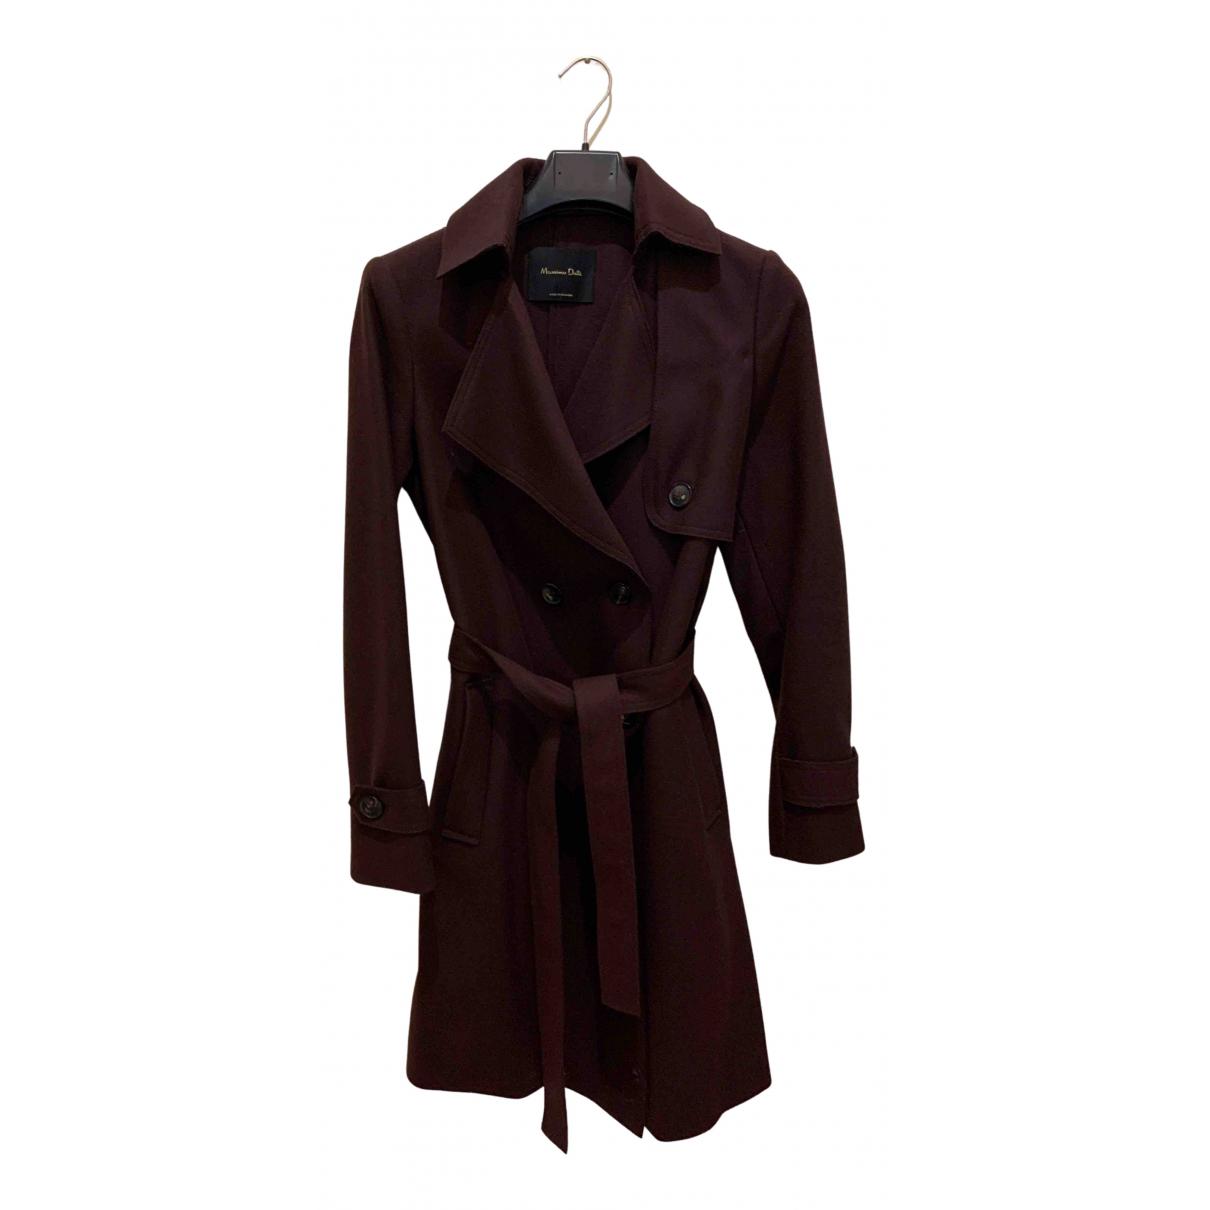 Massimo Dutti - Manteau   pour femme en laine - bordeaux